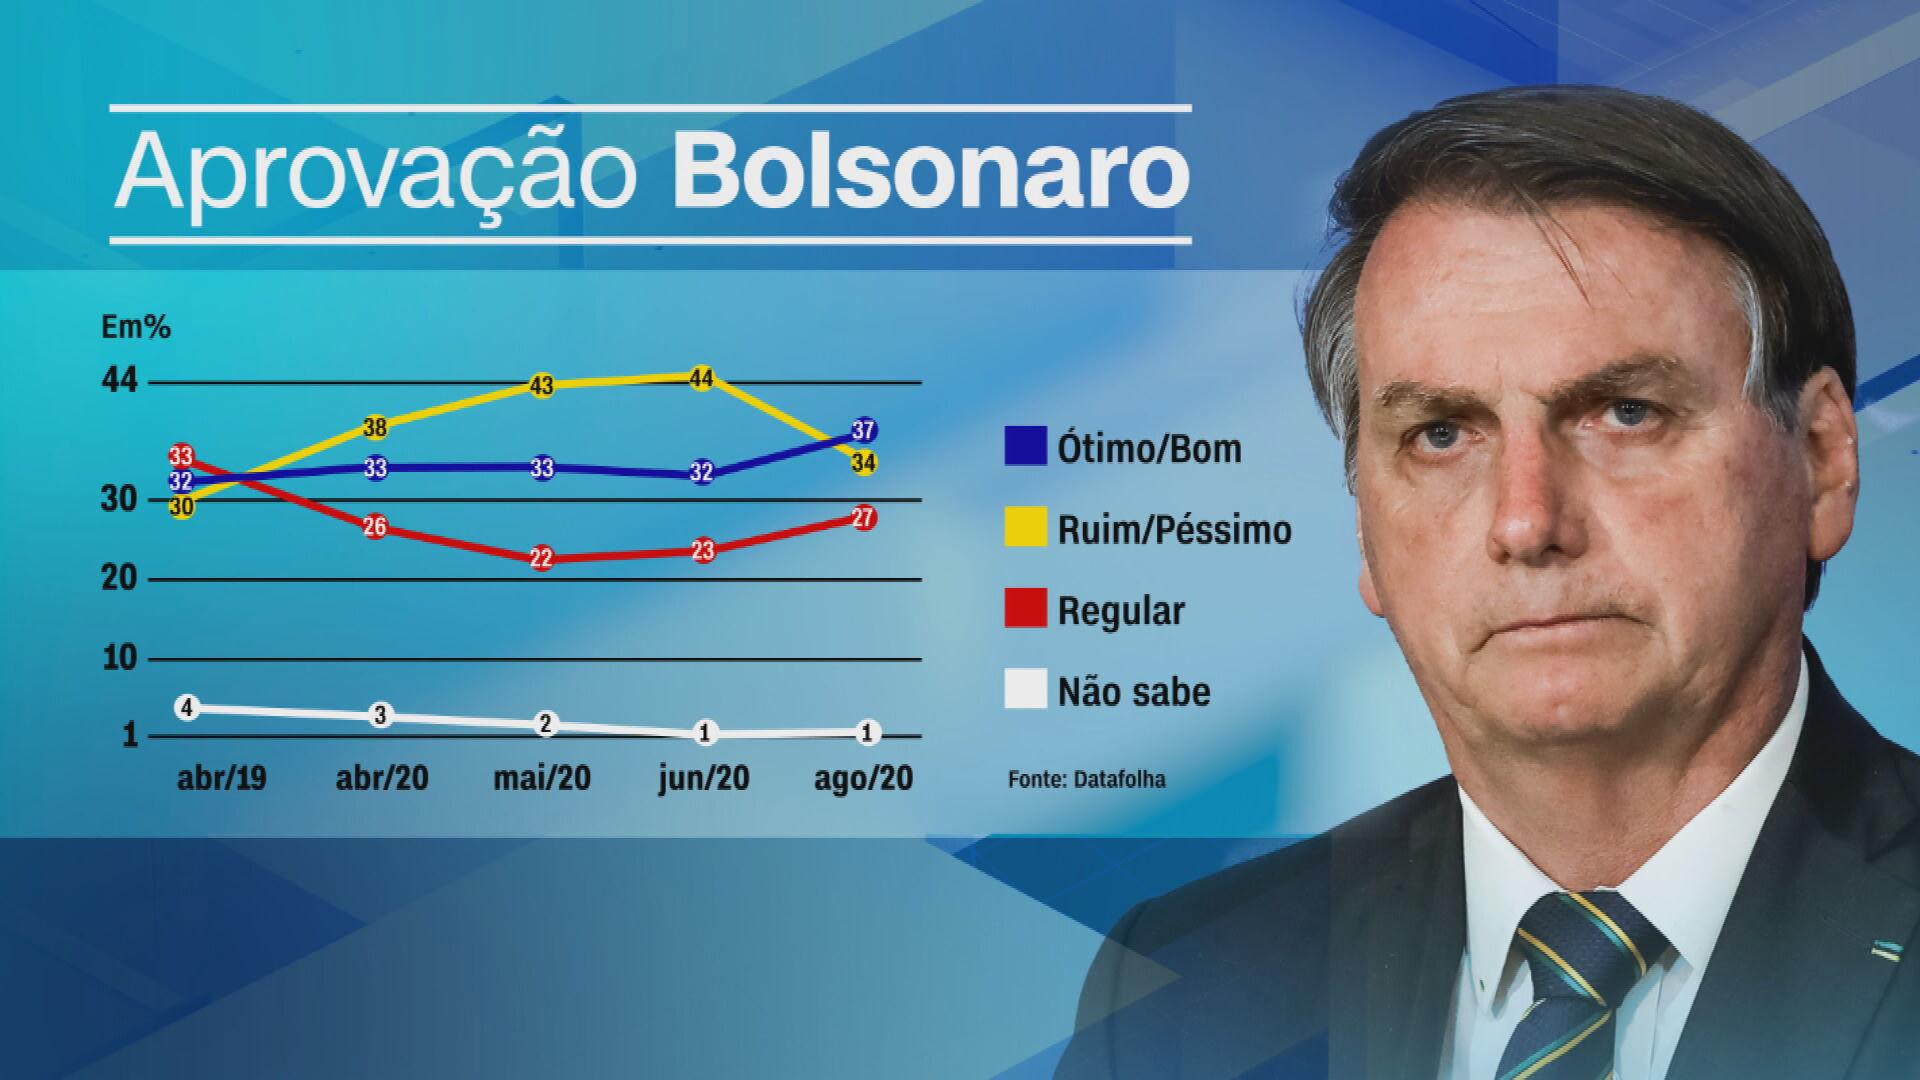 Gráfico mostra índices da aprovação do presidente Jair Bolsonaro, segundo pesqui